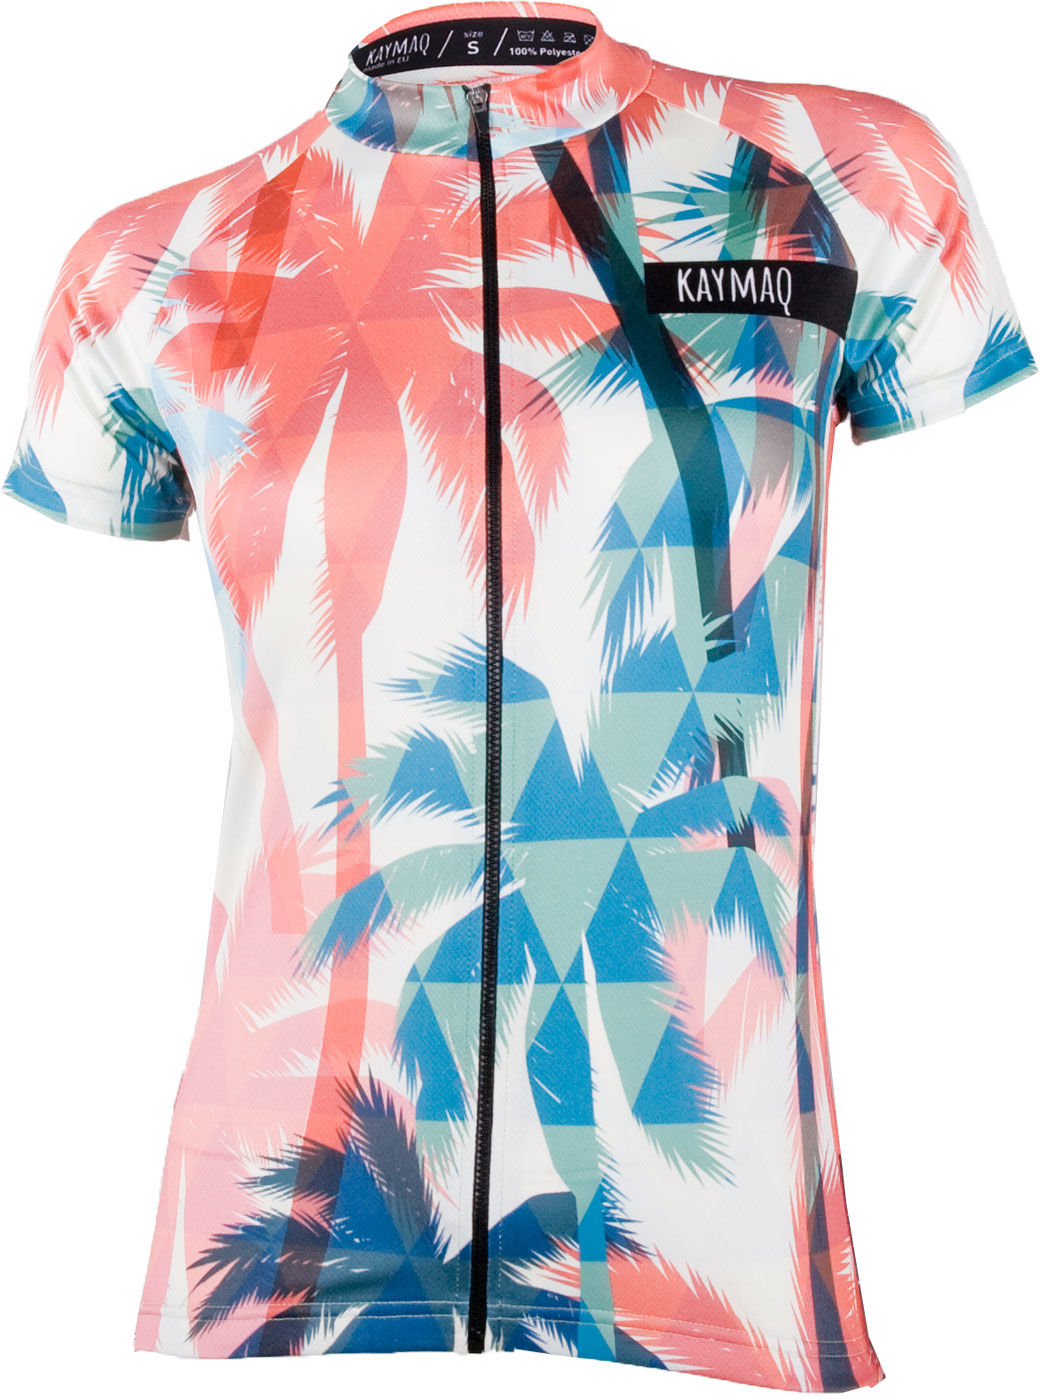 KAYMAQ W1-W05 Damska koszulka rowerowa z krótkim rękawem Rozmiar: L,kaymaqw1-w05